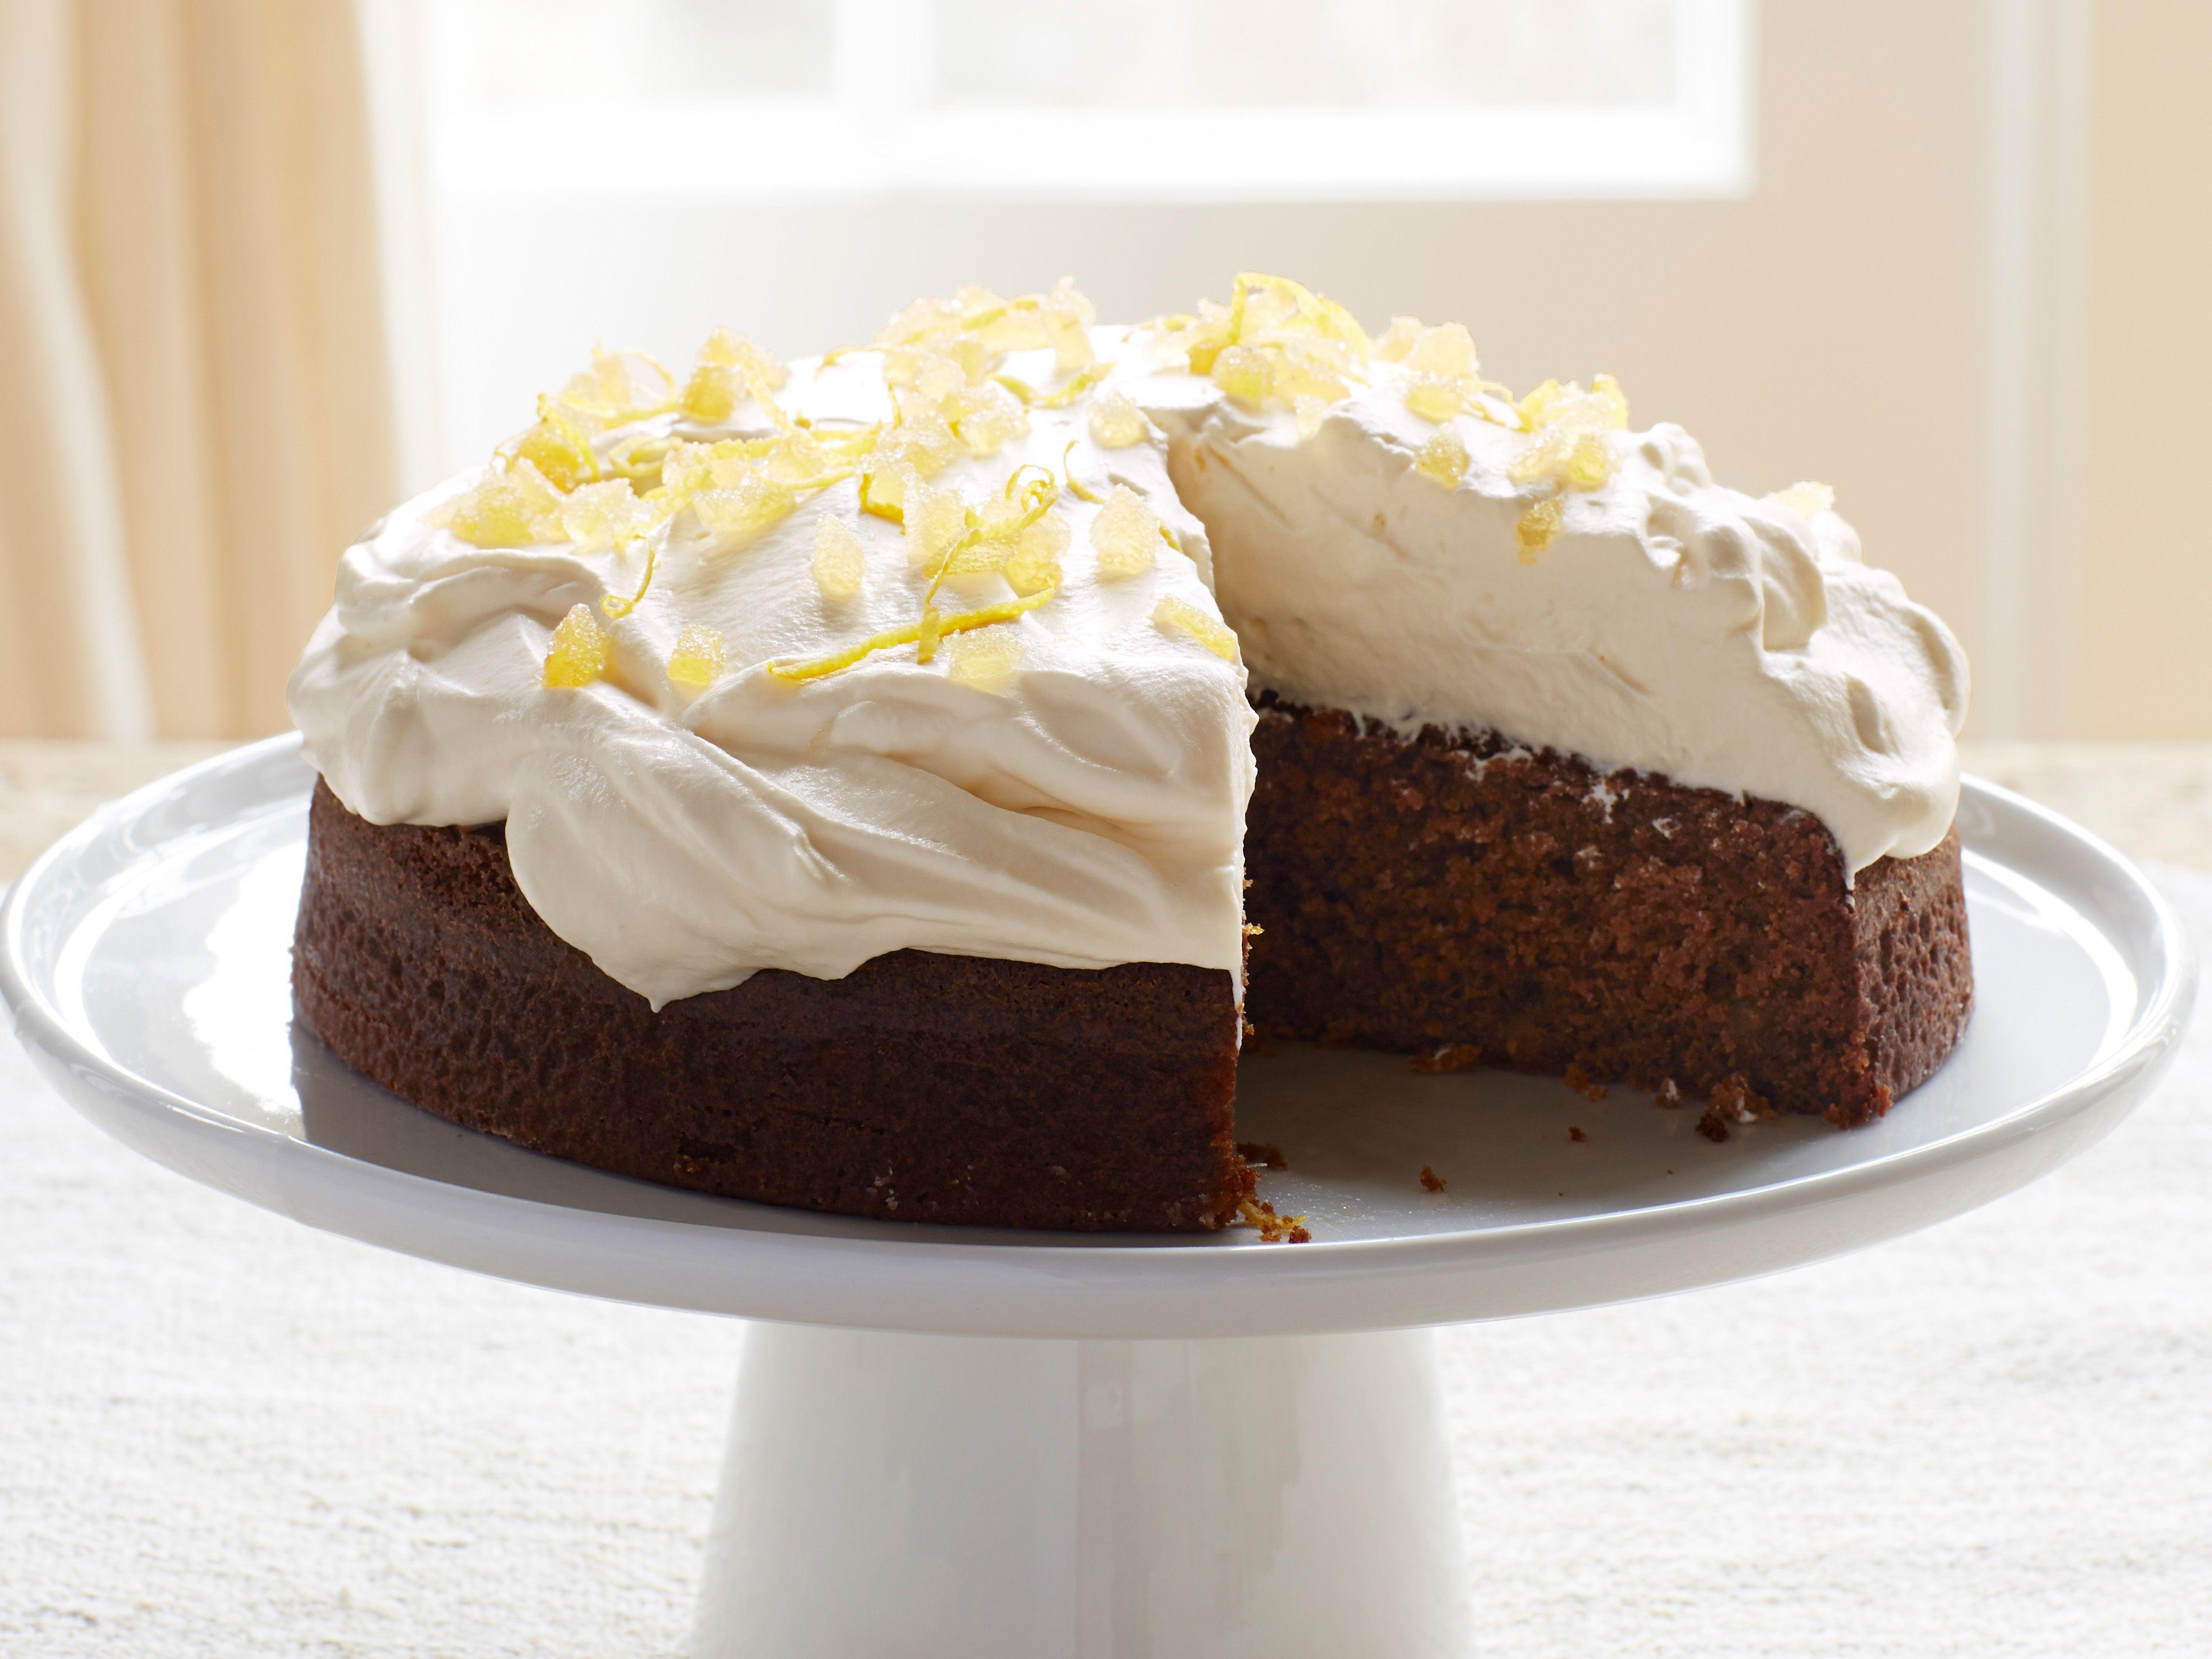 Lemon Ginger Molasses Cake With Whipped Cream